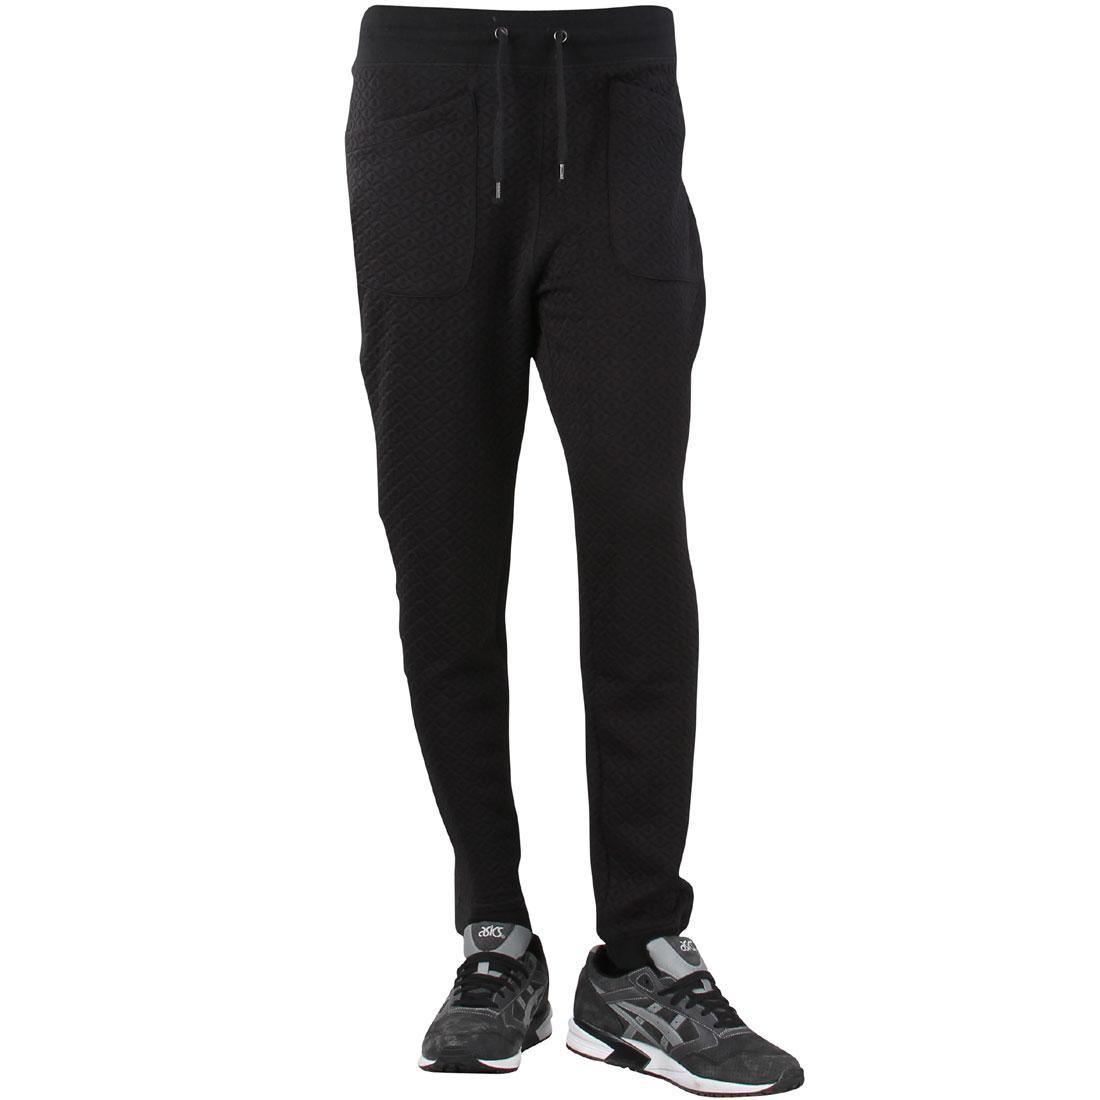 黒 ブラック 【 BLACK UNYFORME MEN LARSON PANTS 】 メンズファッション ズボン パンツ